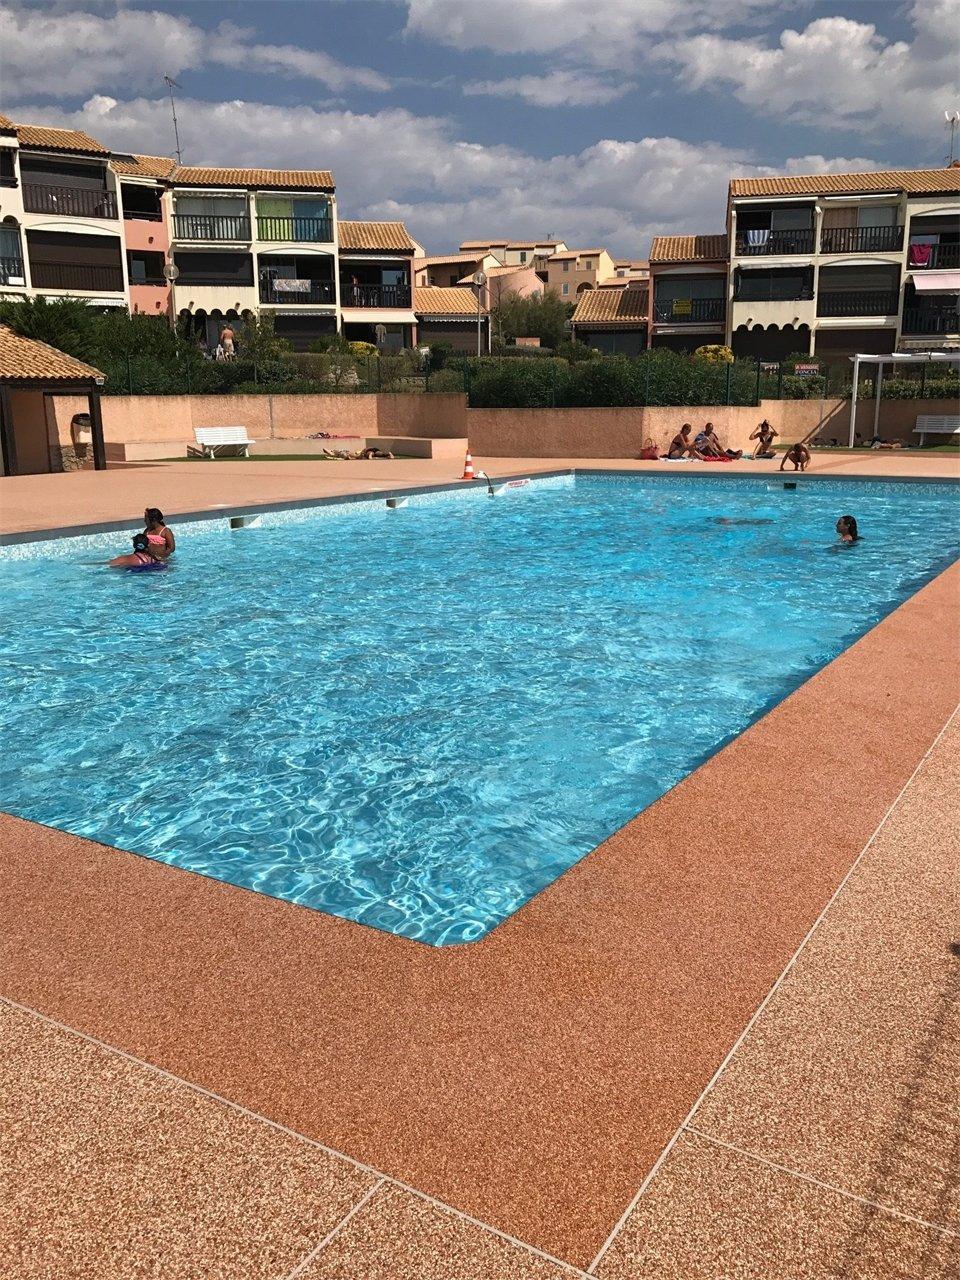 Offres Locations Vacances Appartement T3, Rez De Chaussée ... destiné Piscine Fleury D Aude